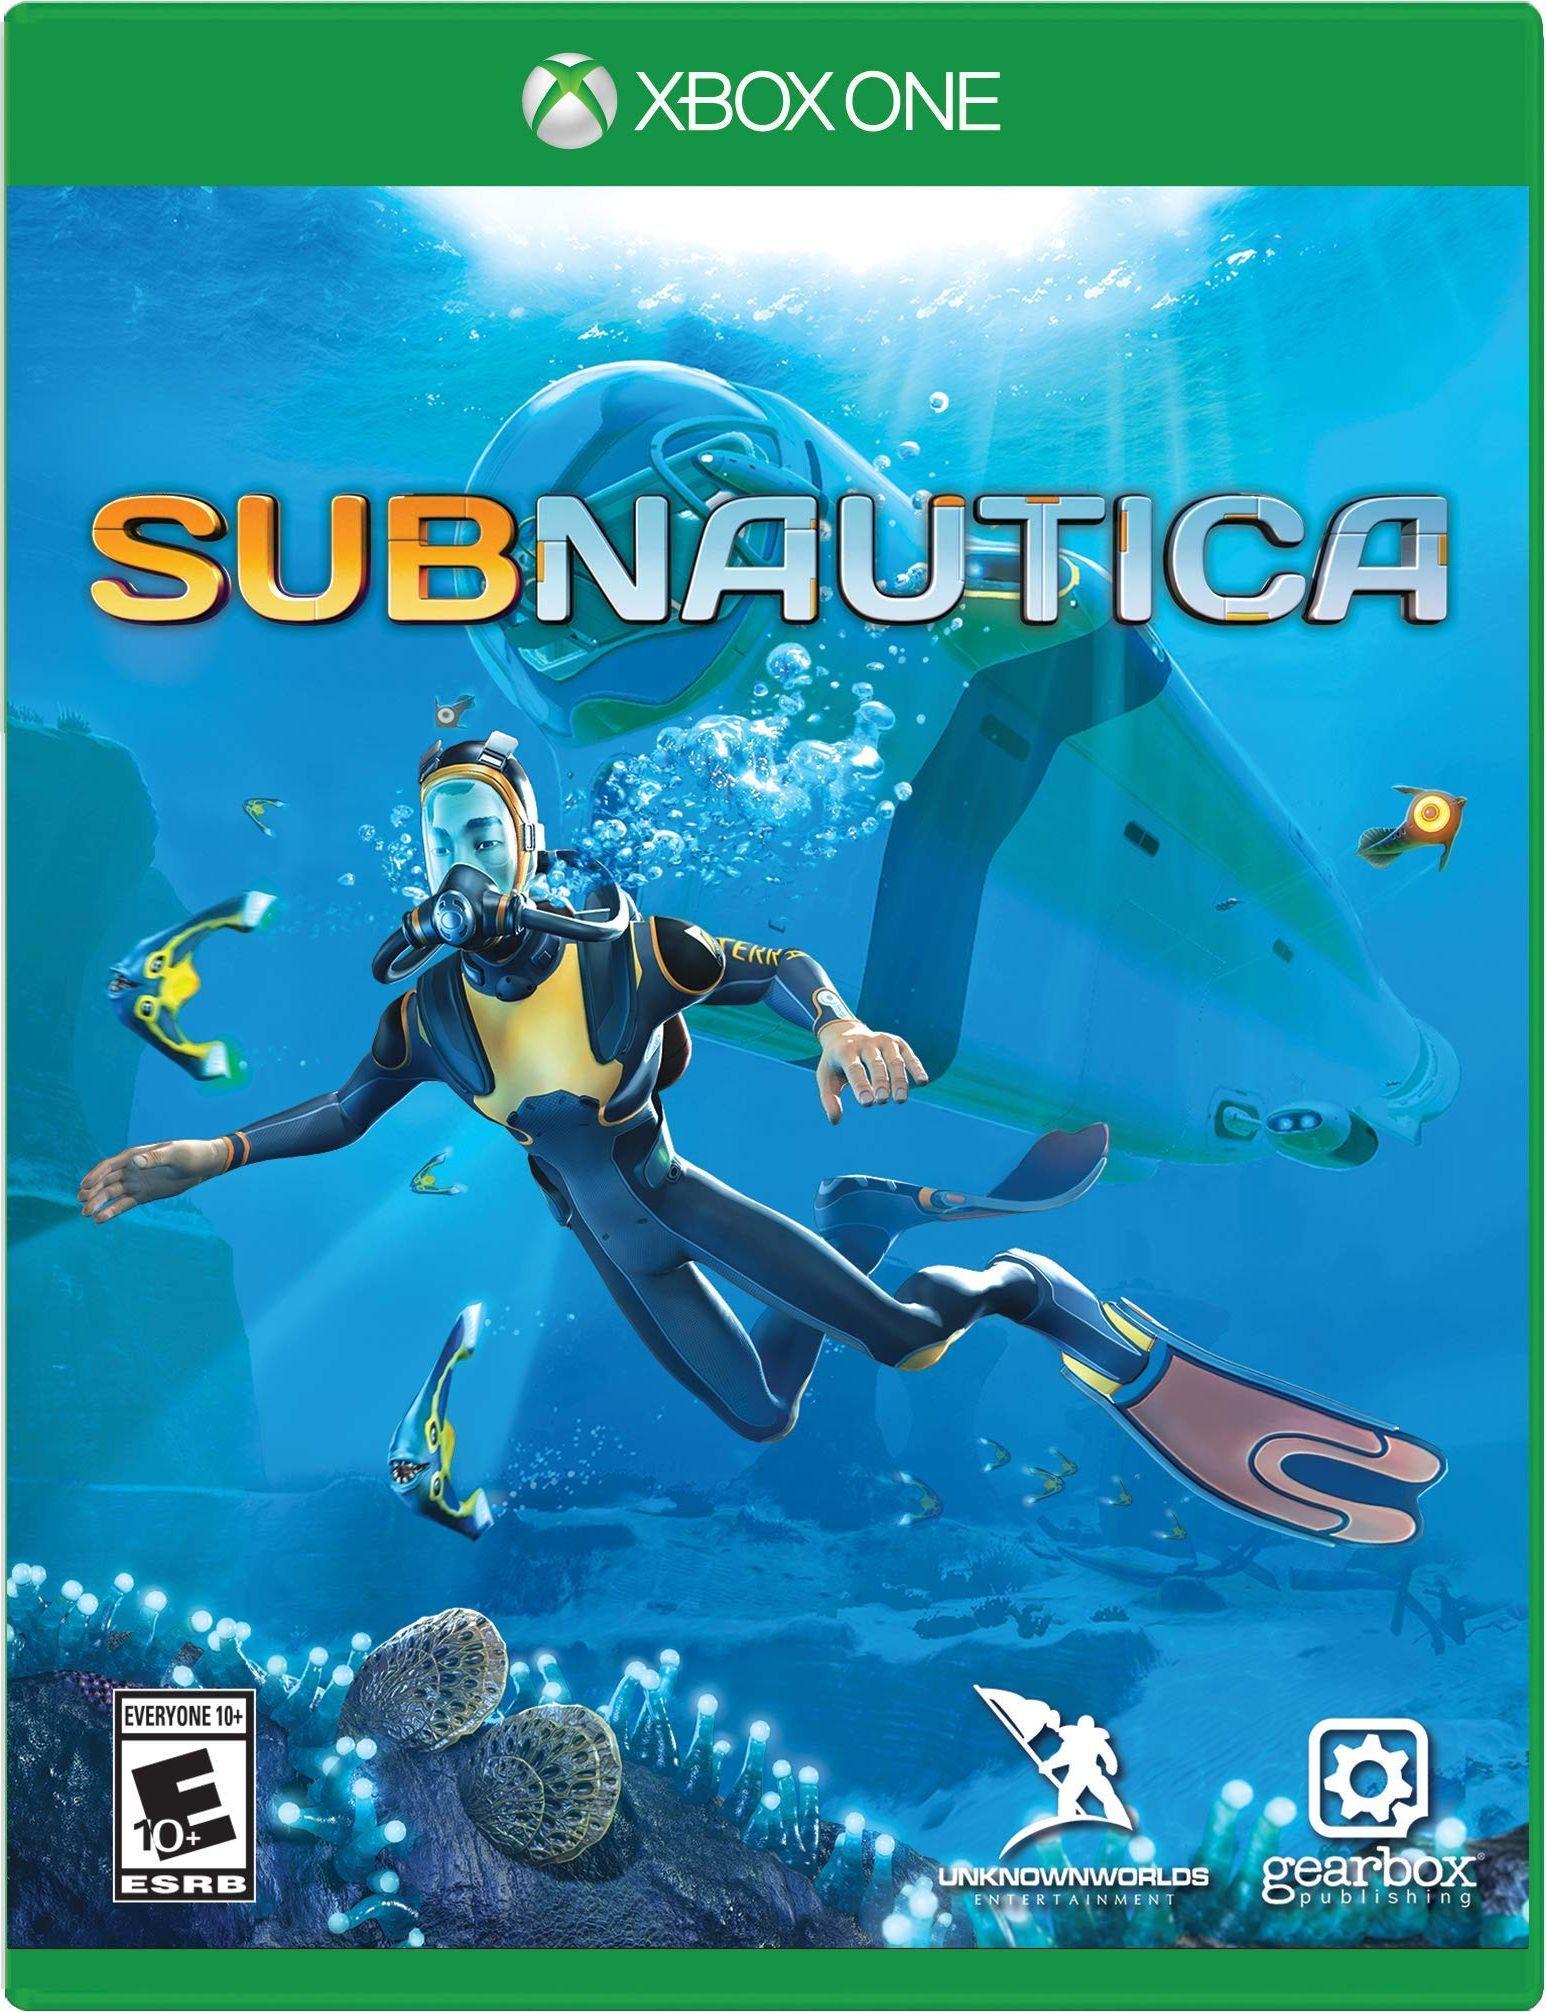 Subnautica Videogames Juegos Retro Consolas Playstation